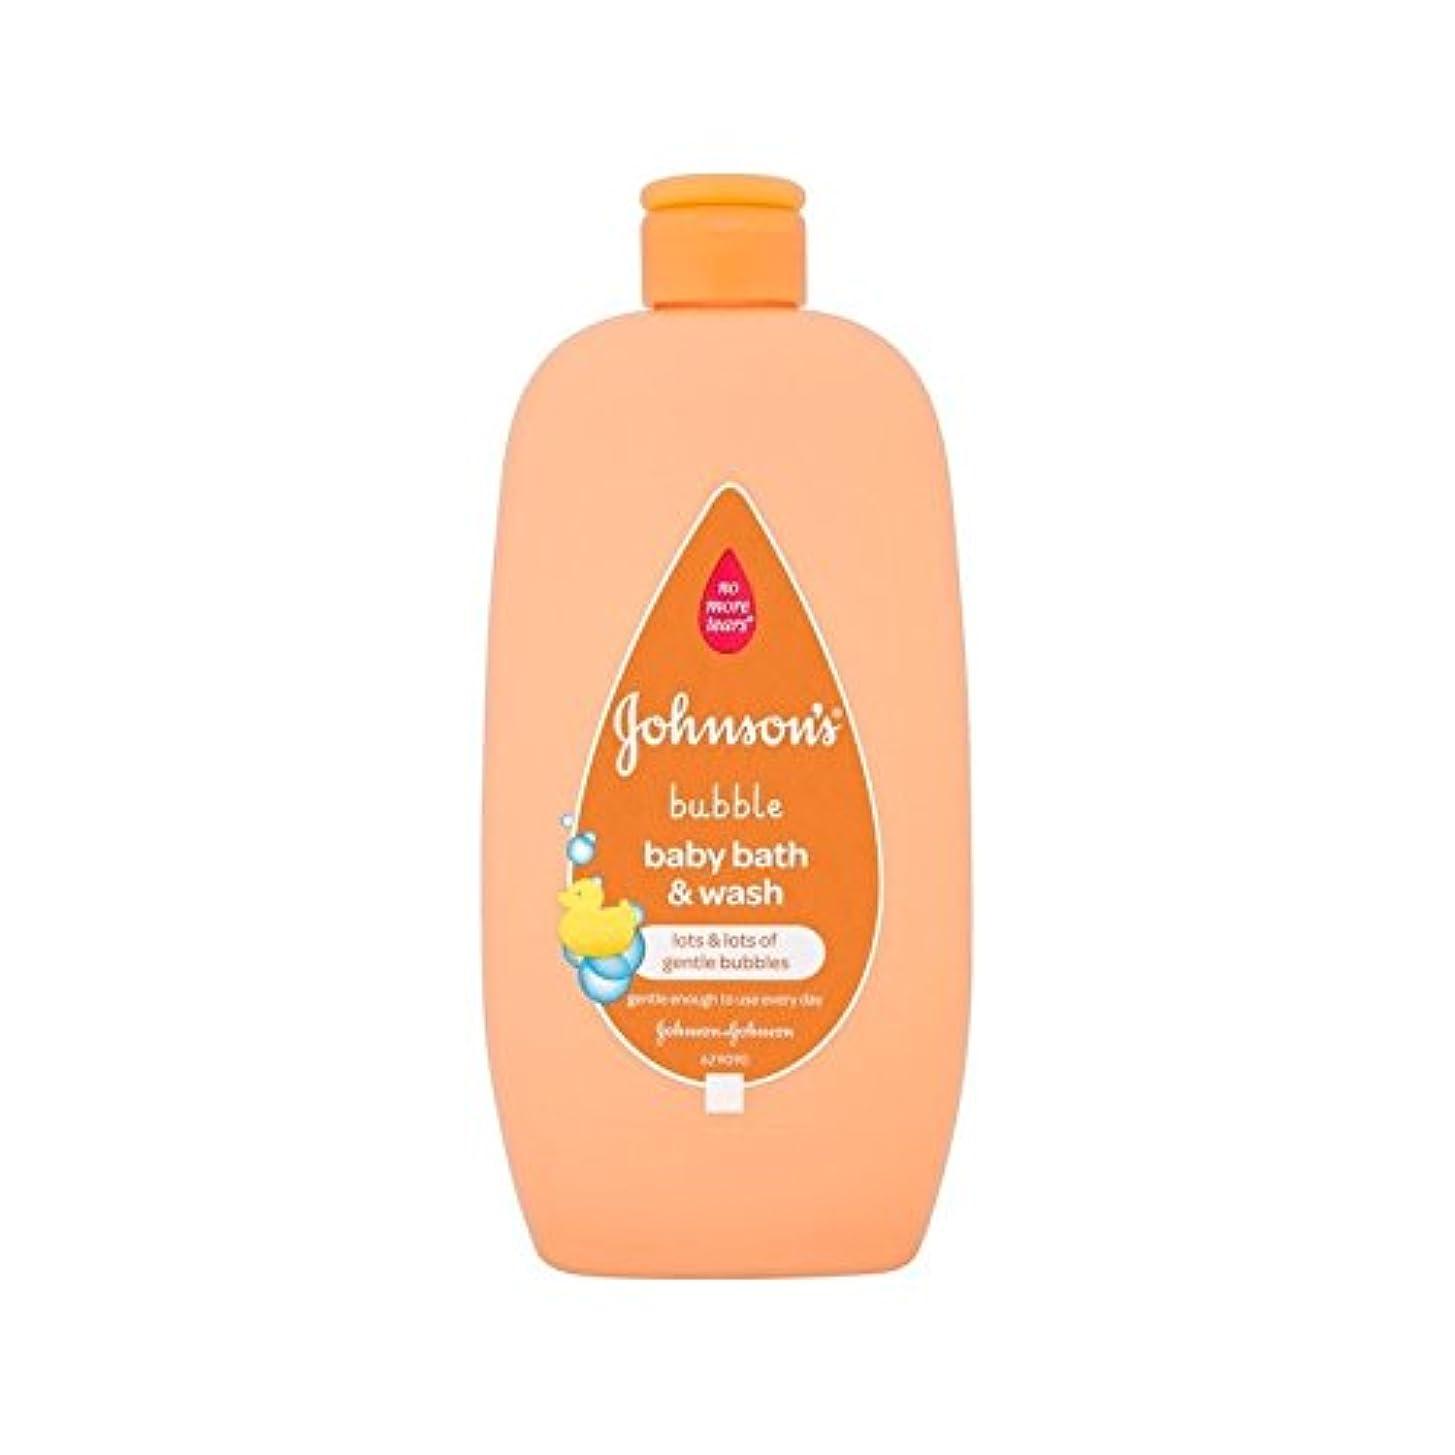 矛盾する距離友だち2In1は泡風呂&500ミリリットルを洗います (Johnson's Baby) - Johnson's Baby 2in1 Bubble Bath & Wash 500ml [並行輸入品]